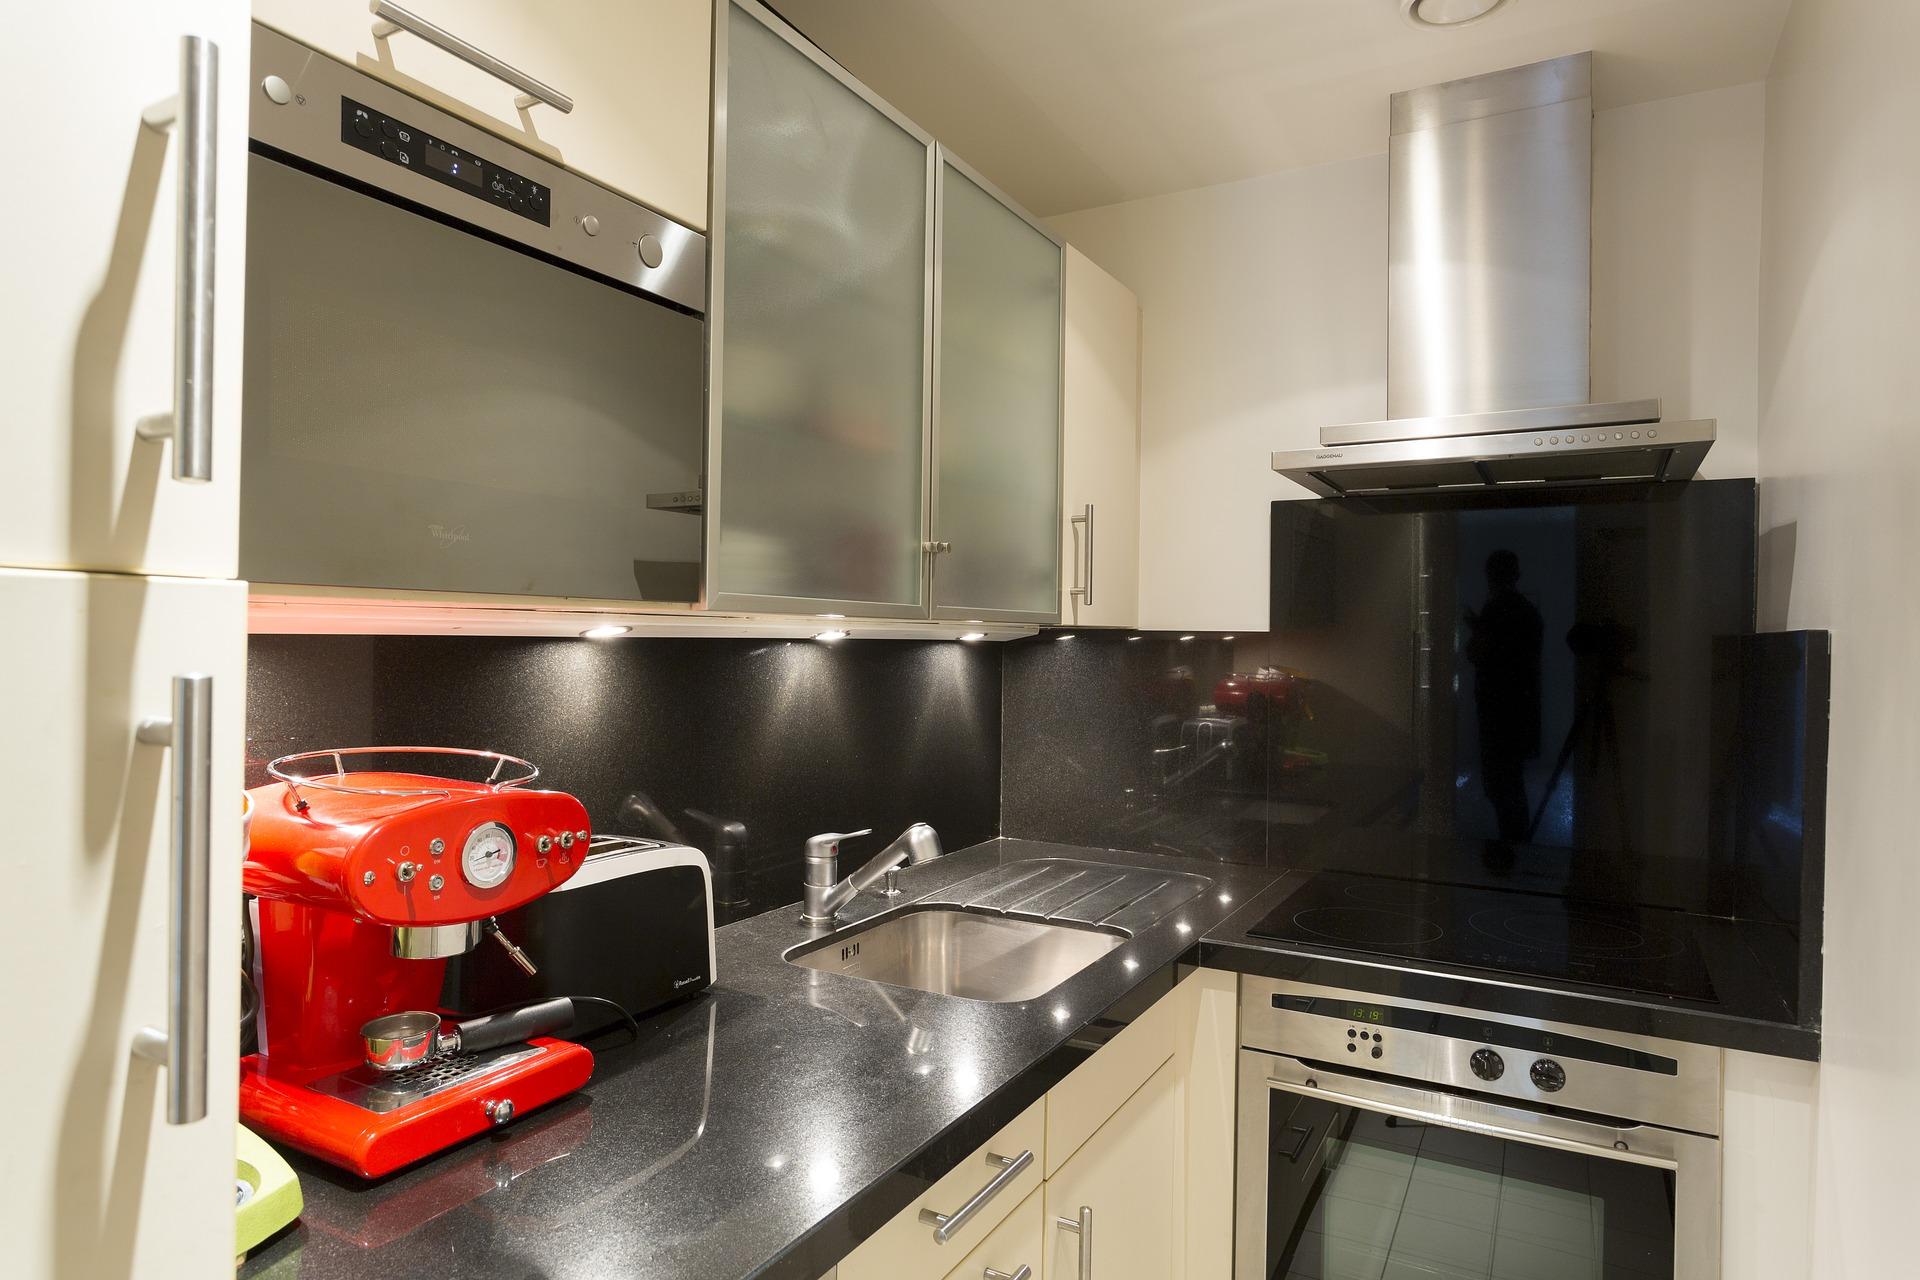 Quali sono gli elettrodomestici fondamentali in casa?